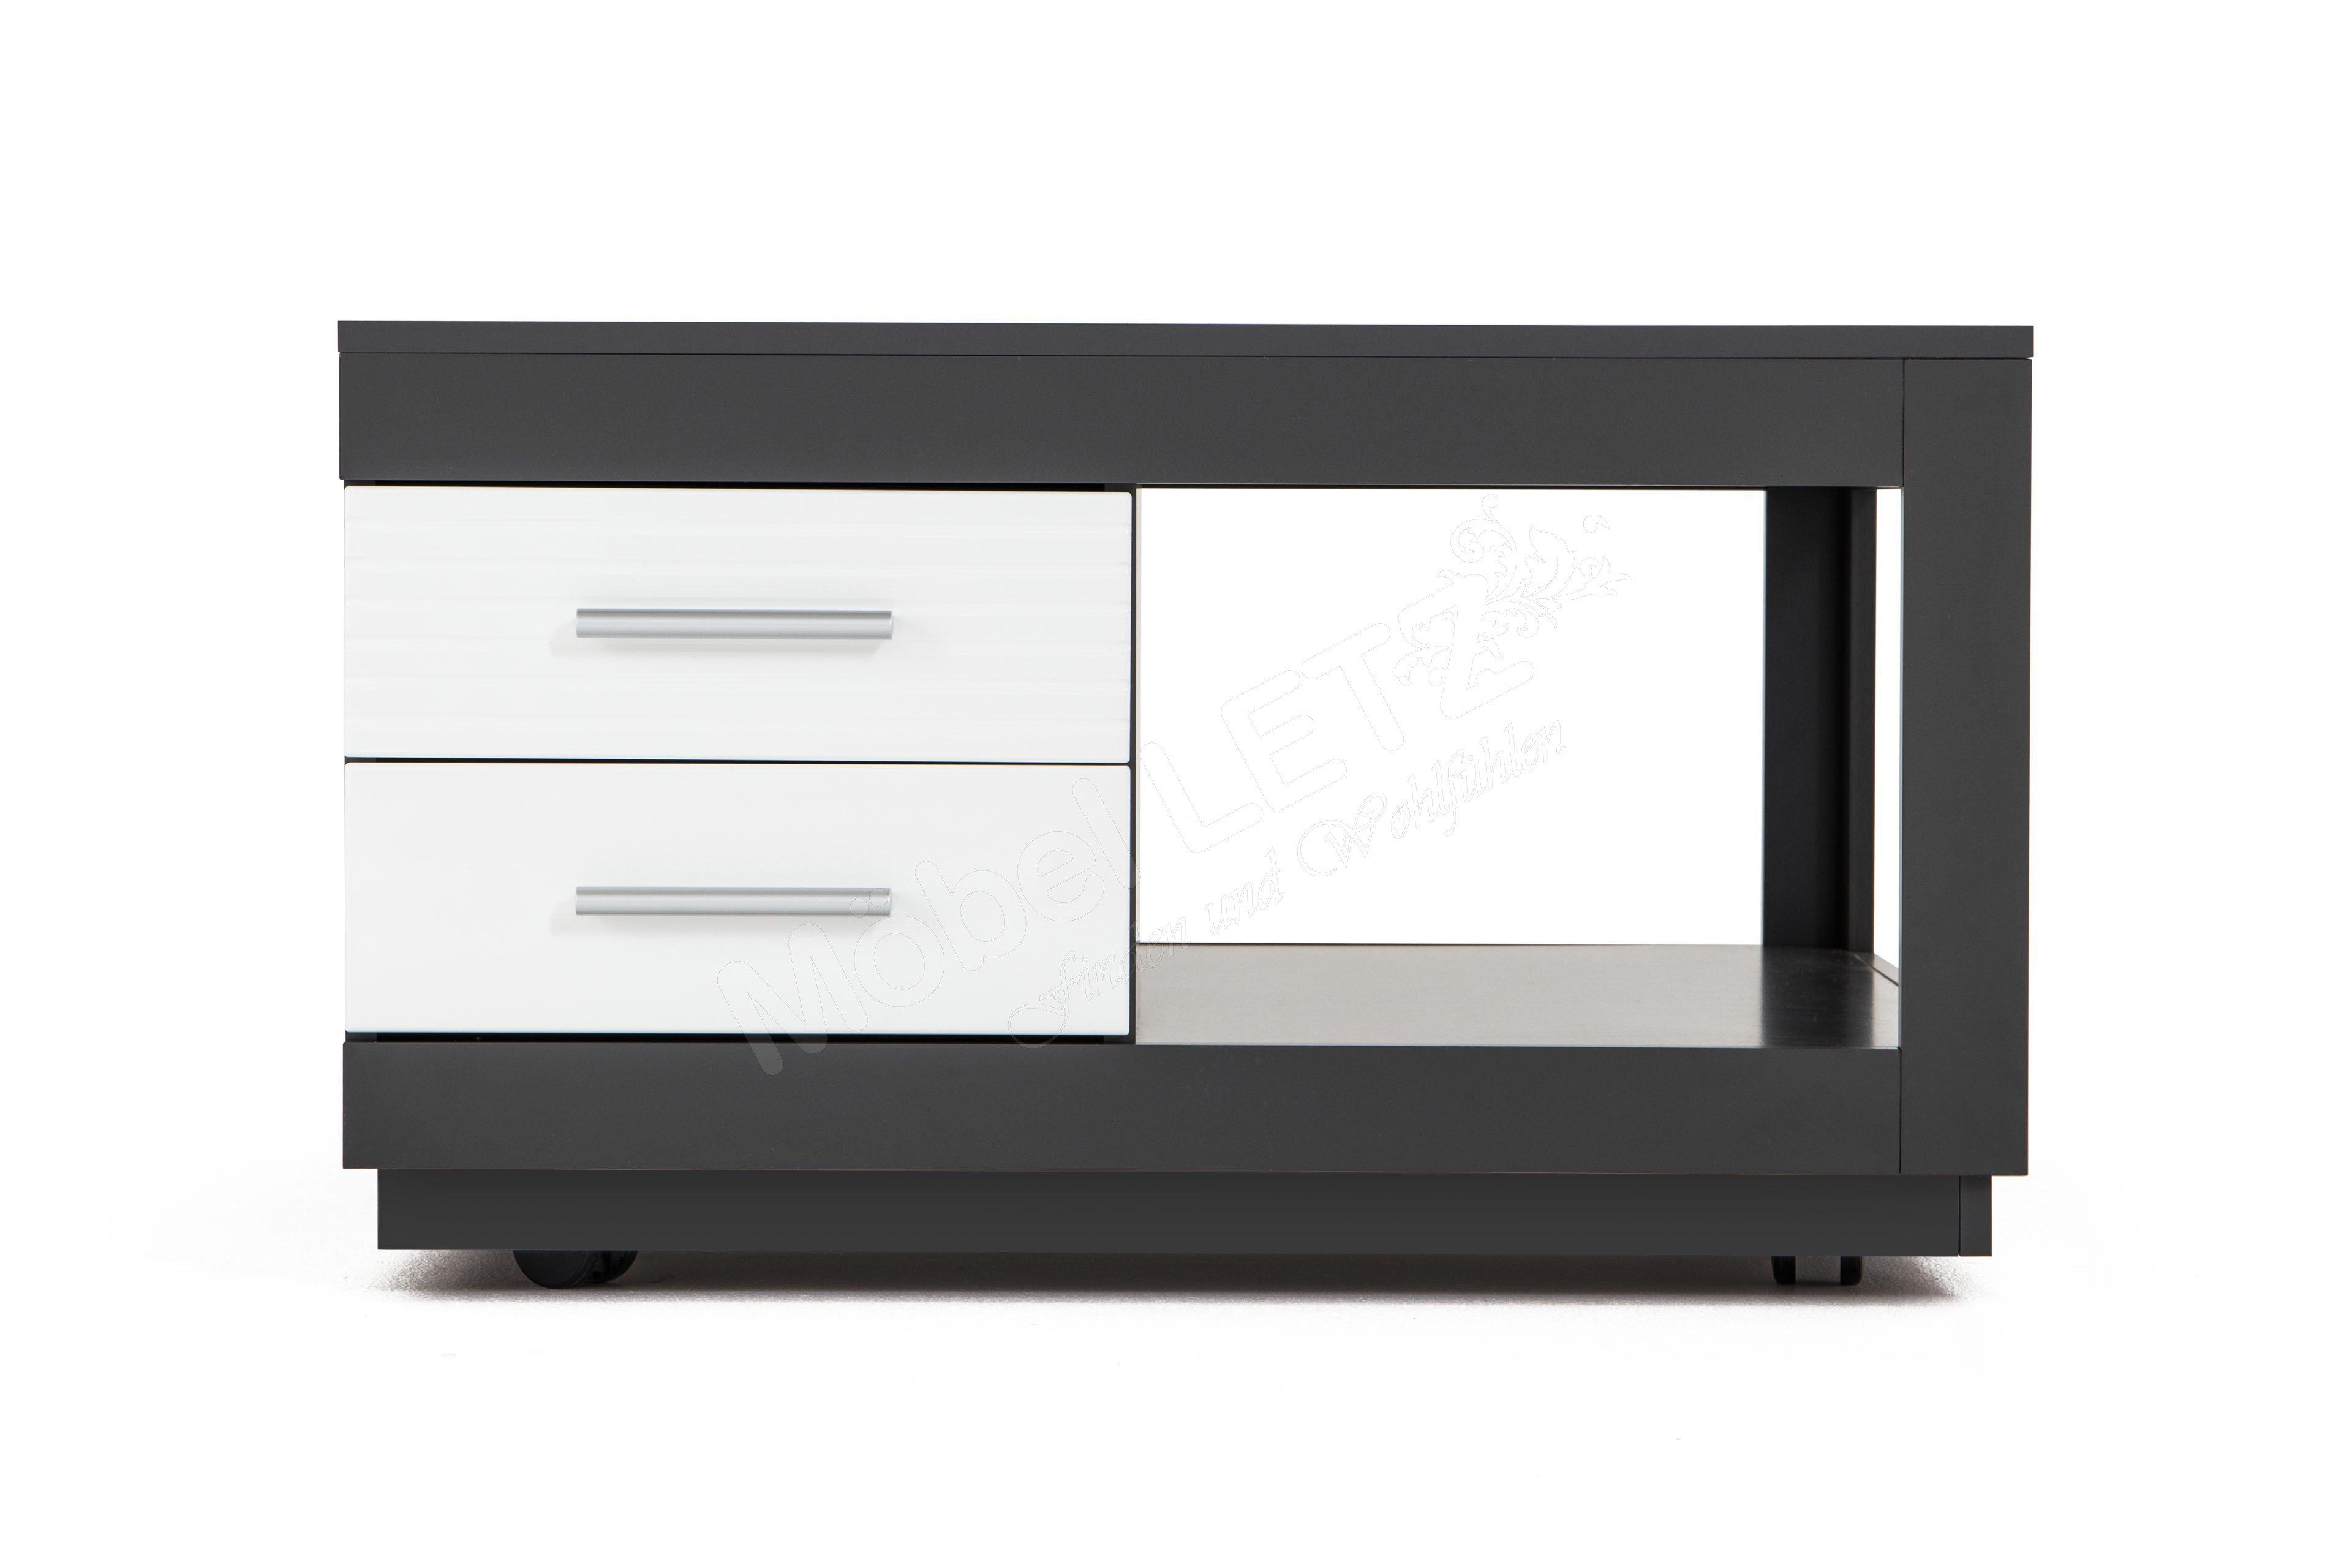 stolkom couchtisch kolibri grau wei m bel letz ihr online shop. Black Bedroom Furniture Sets. Home Design Ideas